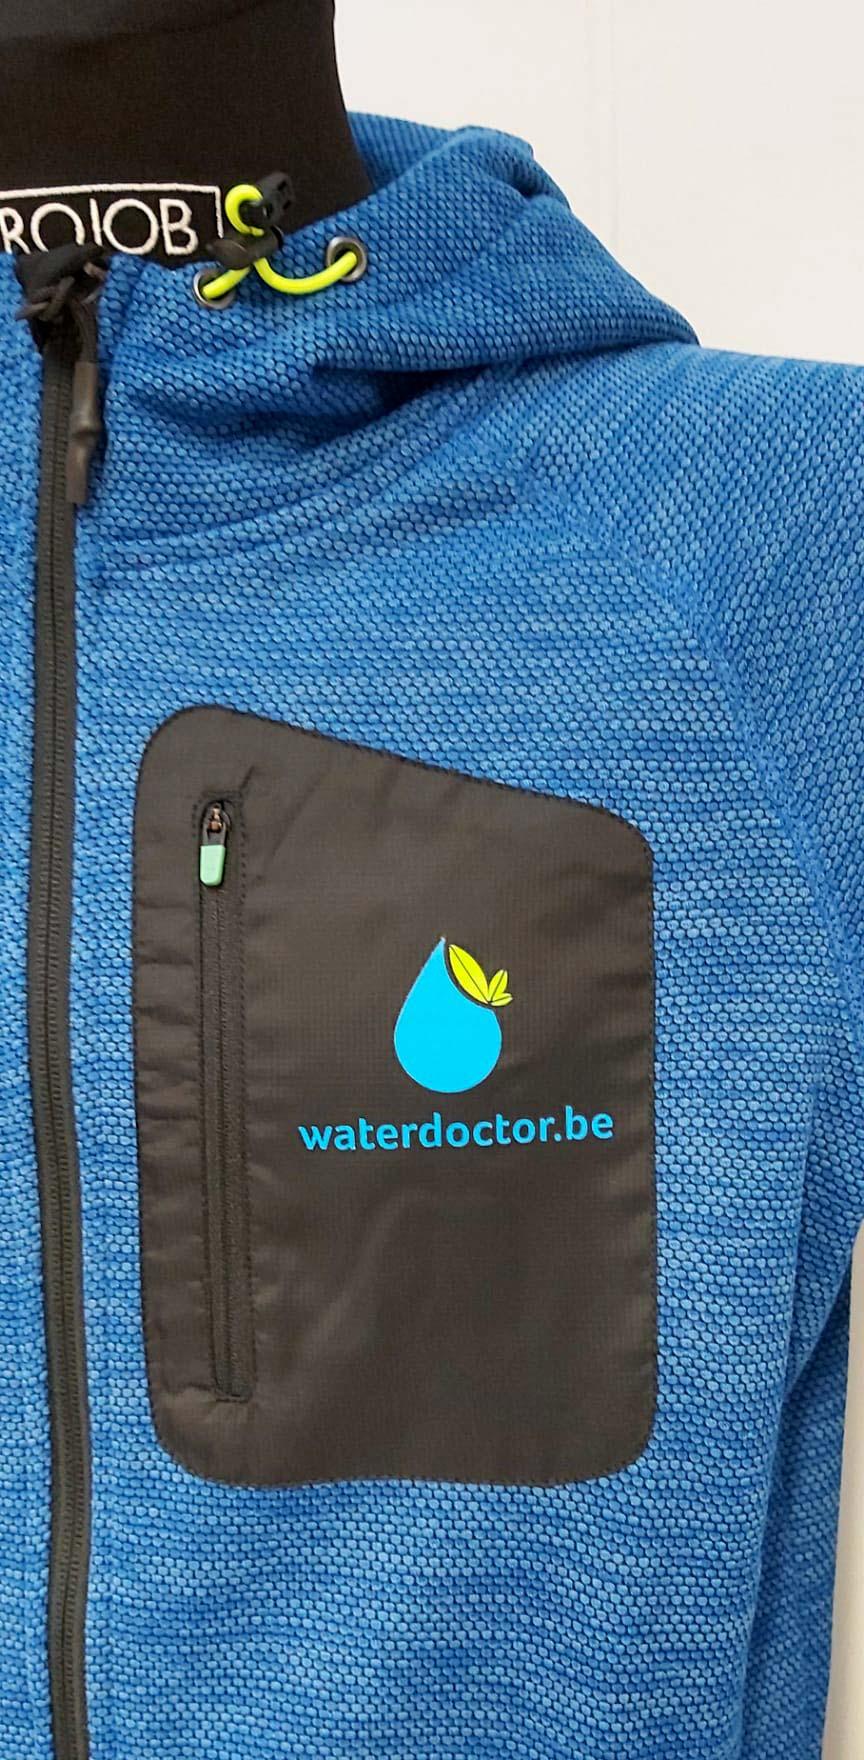 meerkleurendruk waterdoctor 1